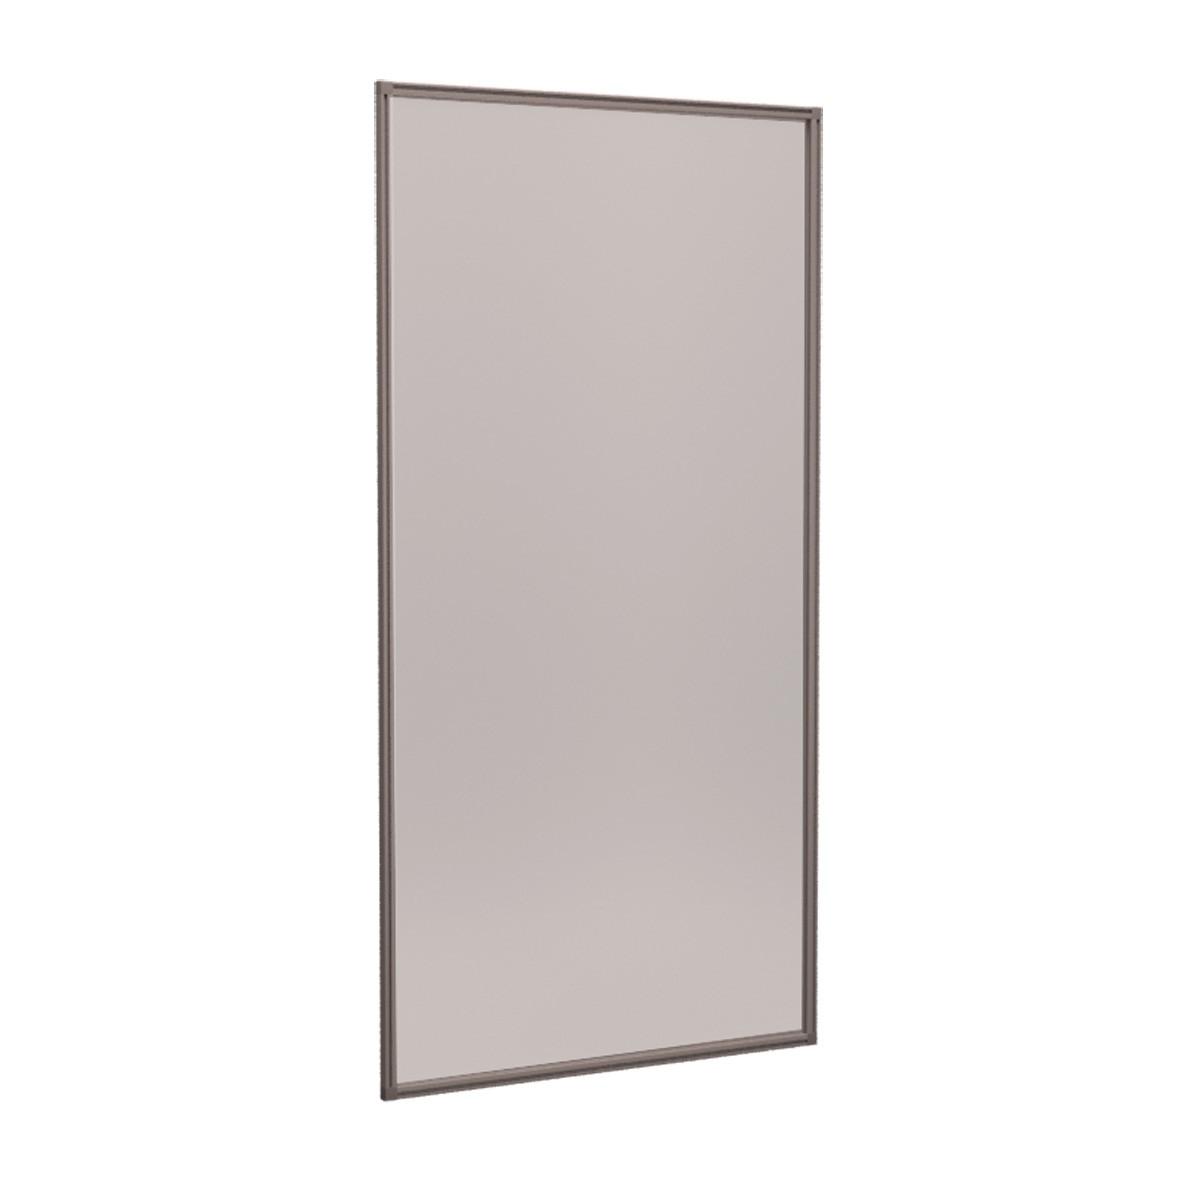 Cloison translucide achat cloison avec cadre porteur - Cloison amovible avec porte ...